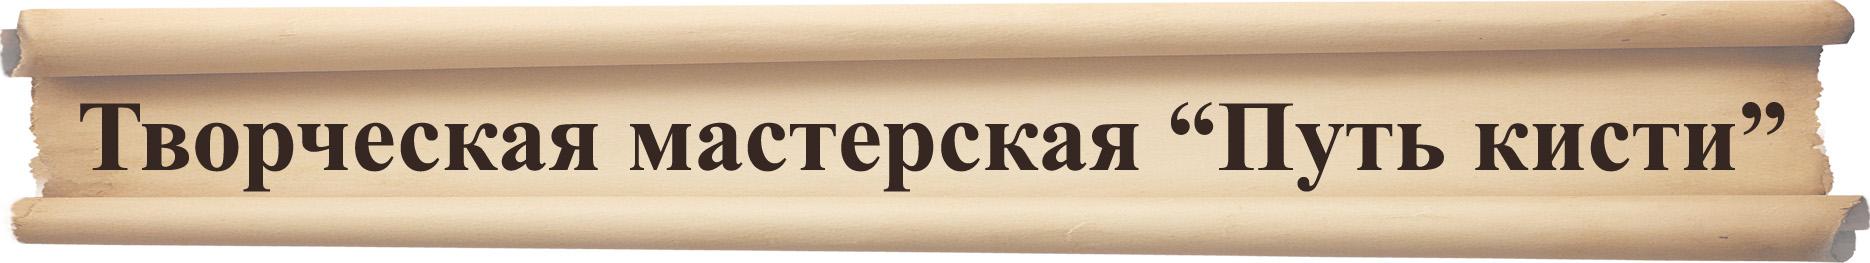 вакансии работы на вднх в москве